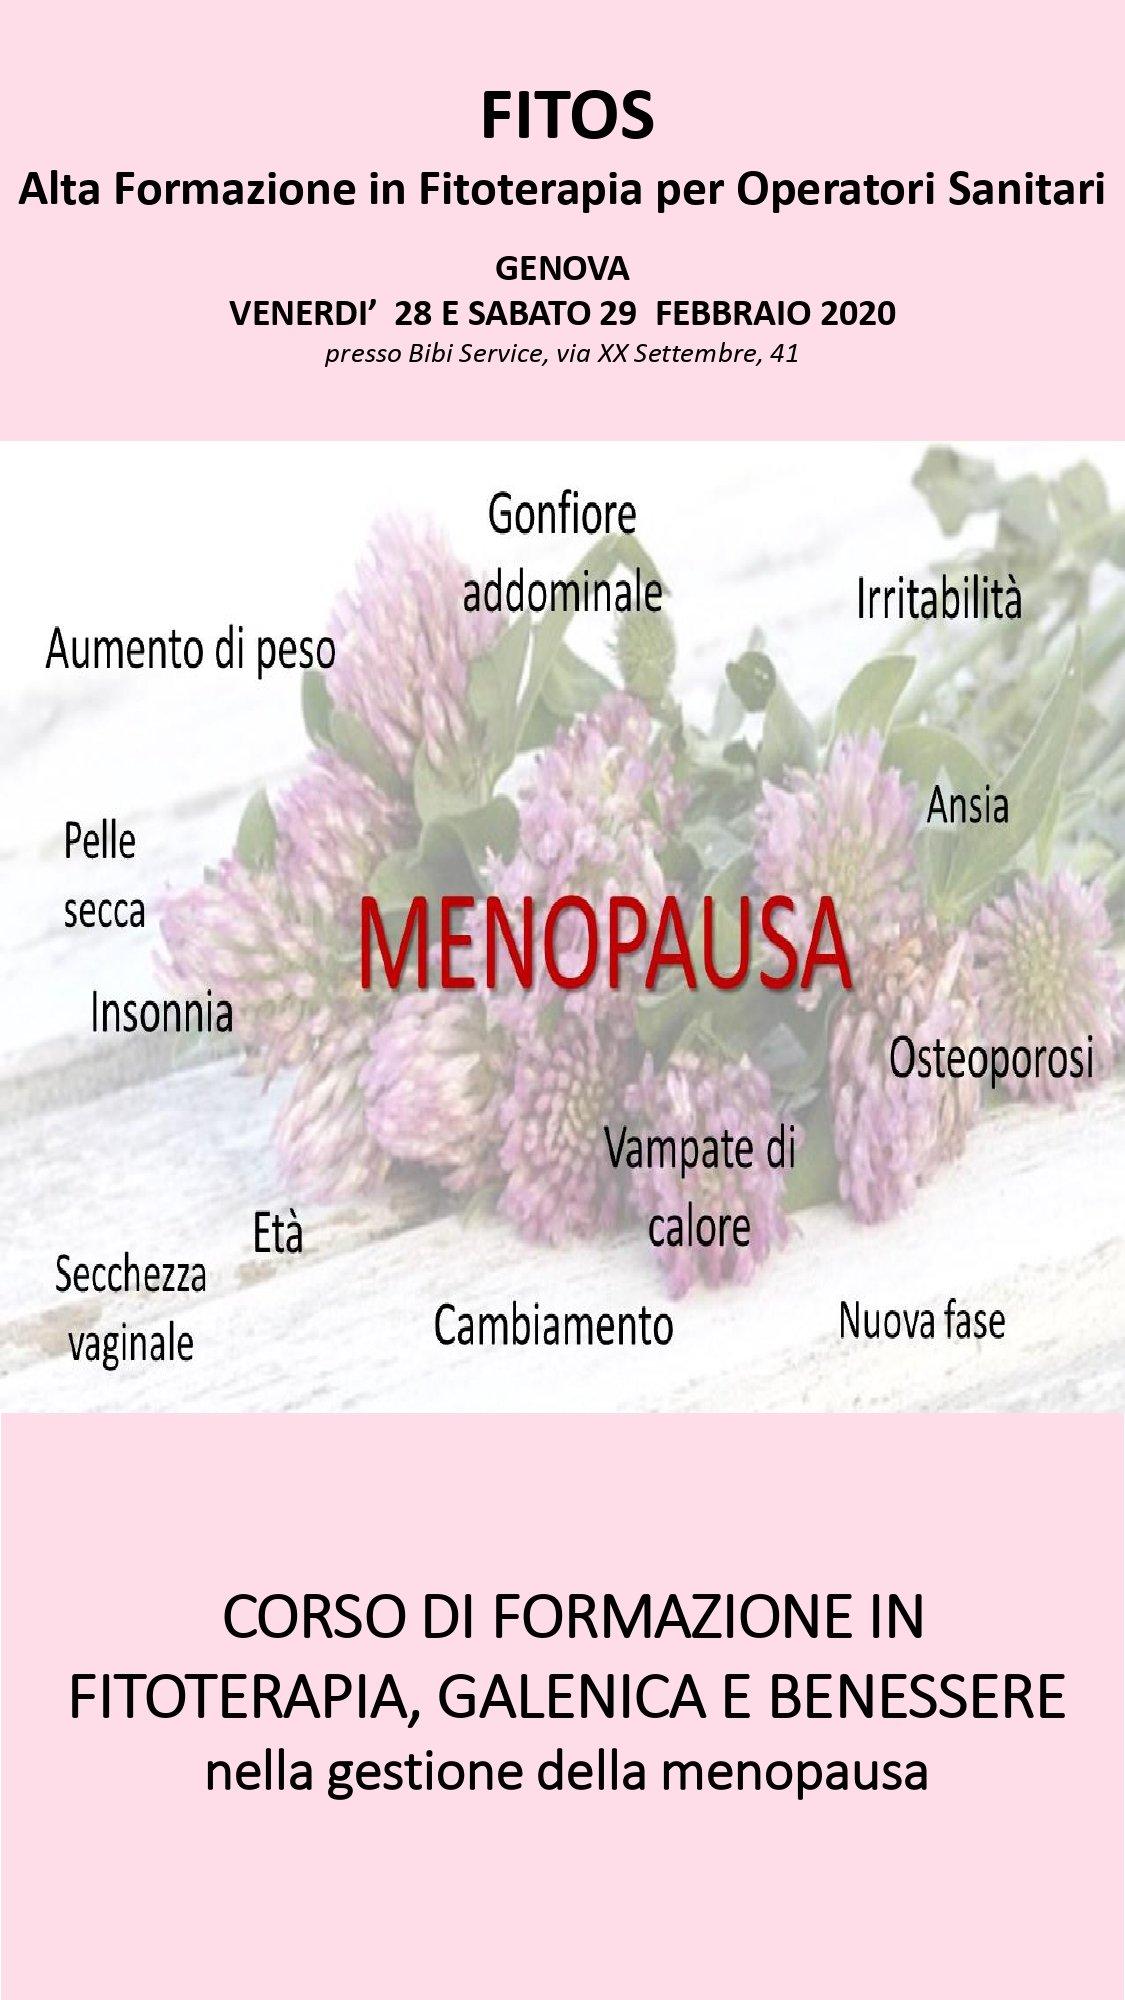 MENOPAUSA – CORSO DI FORMAZIONE IN FITOTERAPIA, GALENICA E BENESSERE NELLA GESTIONE DELLA MENOPAUSA